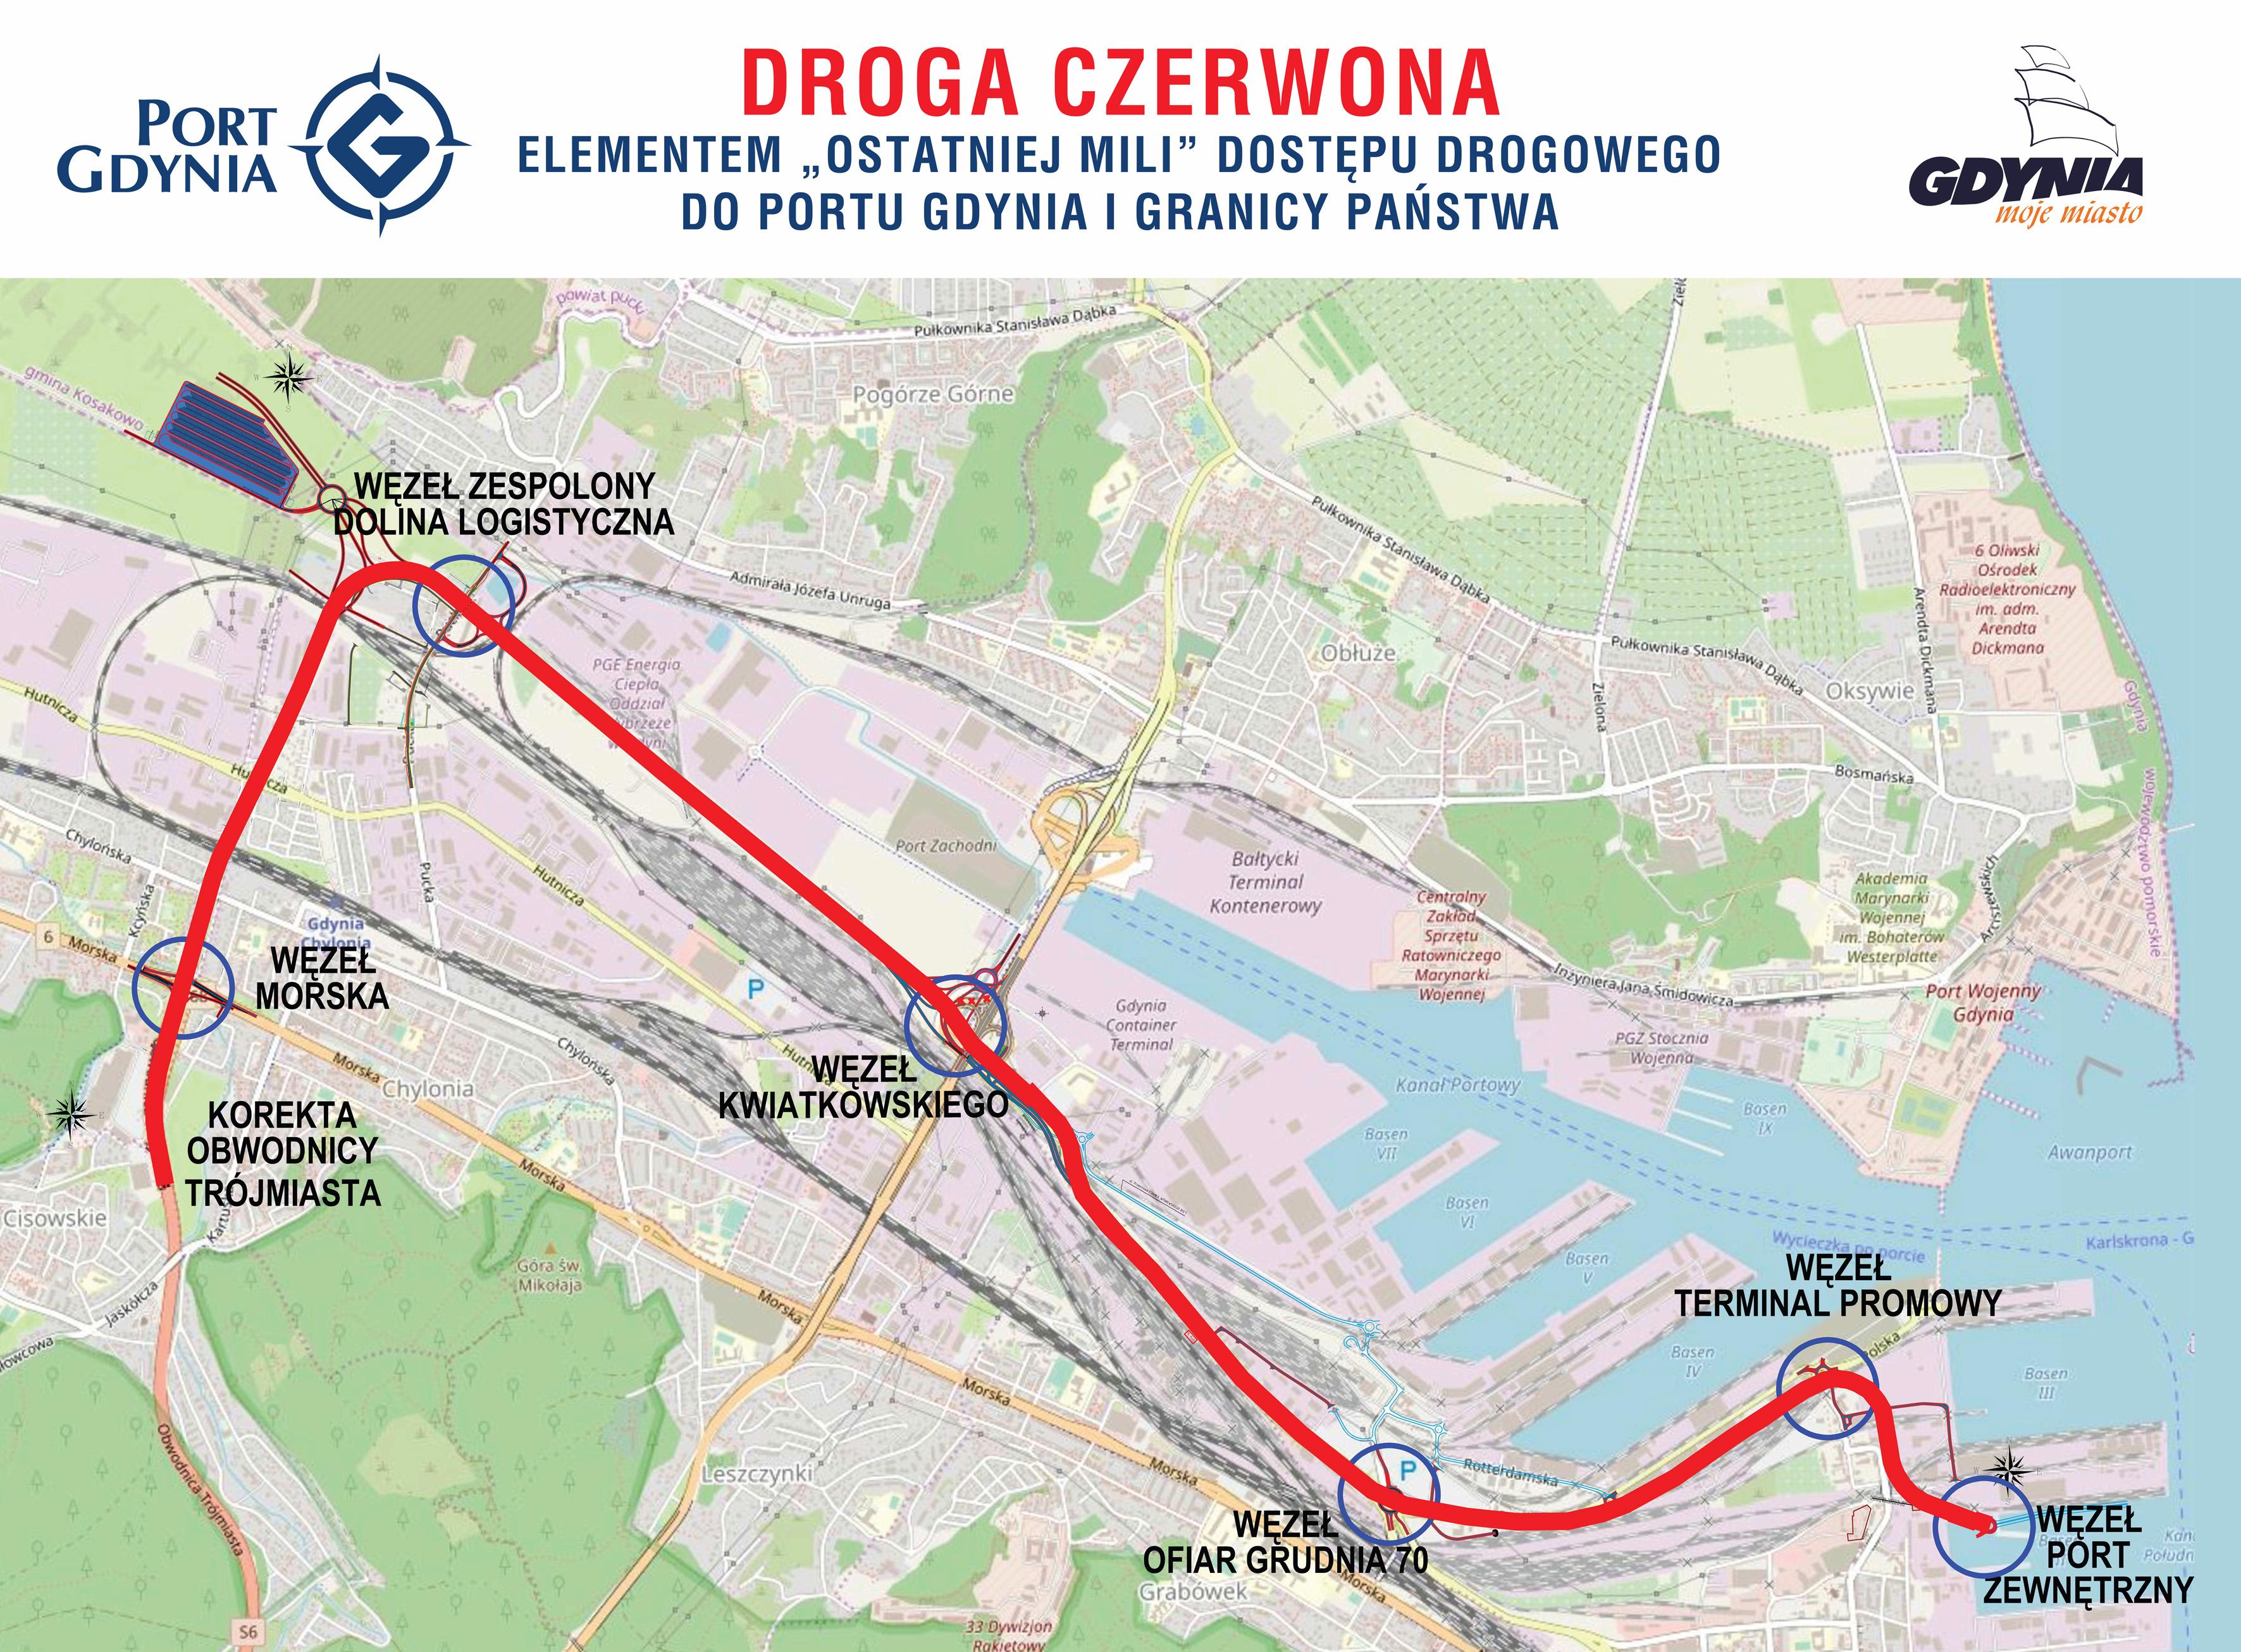 Fragment mapy Gdyni z zaznaczonym na czerwono planowanym przebiegiem Drogi Czerwonej, mat. prasowe